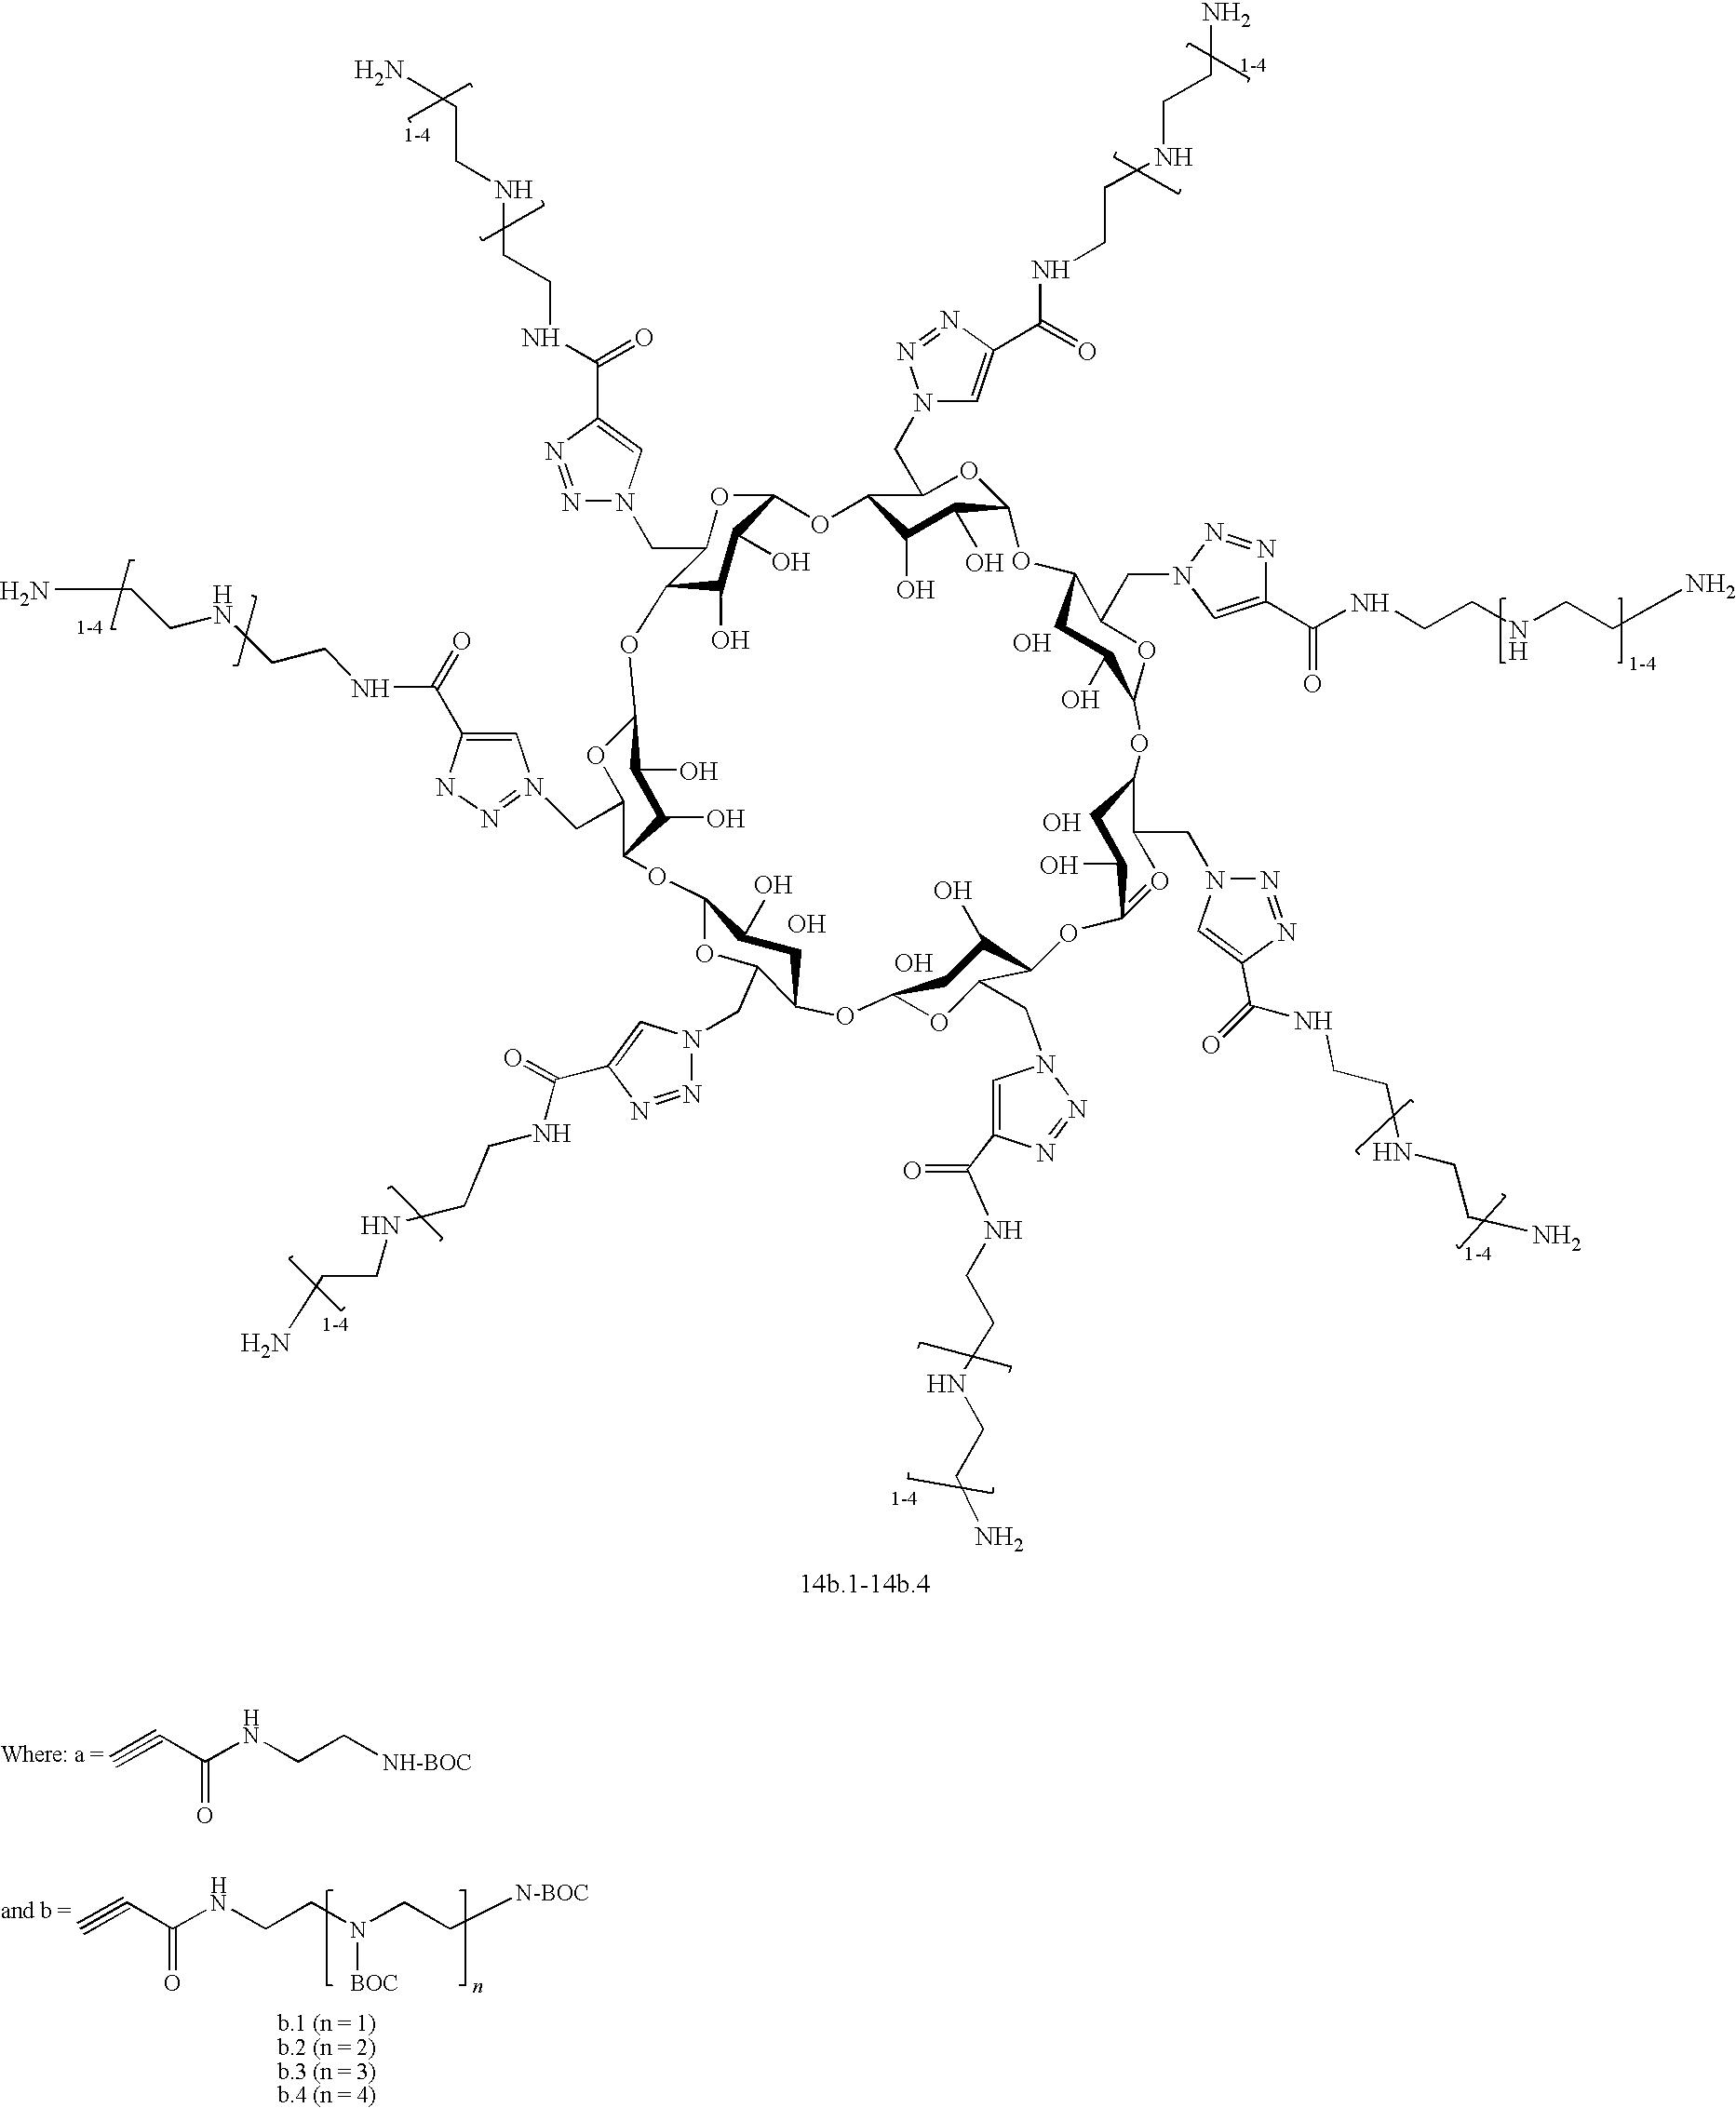 Figure US20090124534A1-20090514-C00010